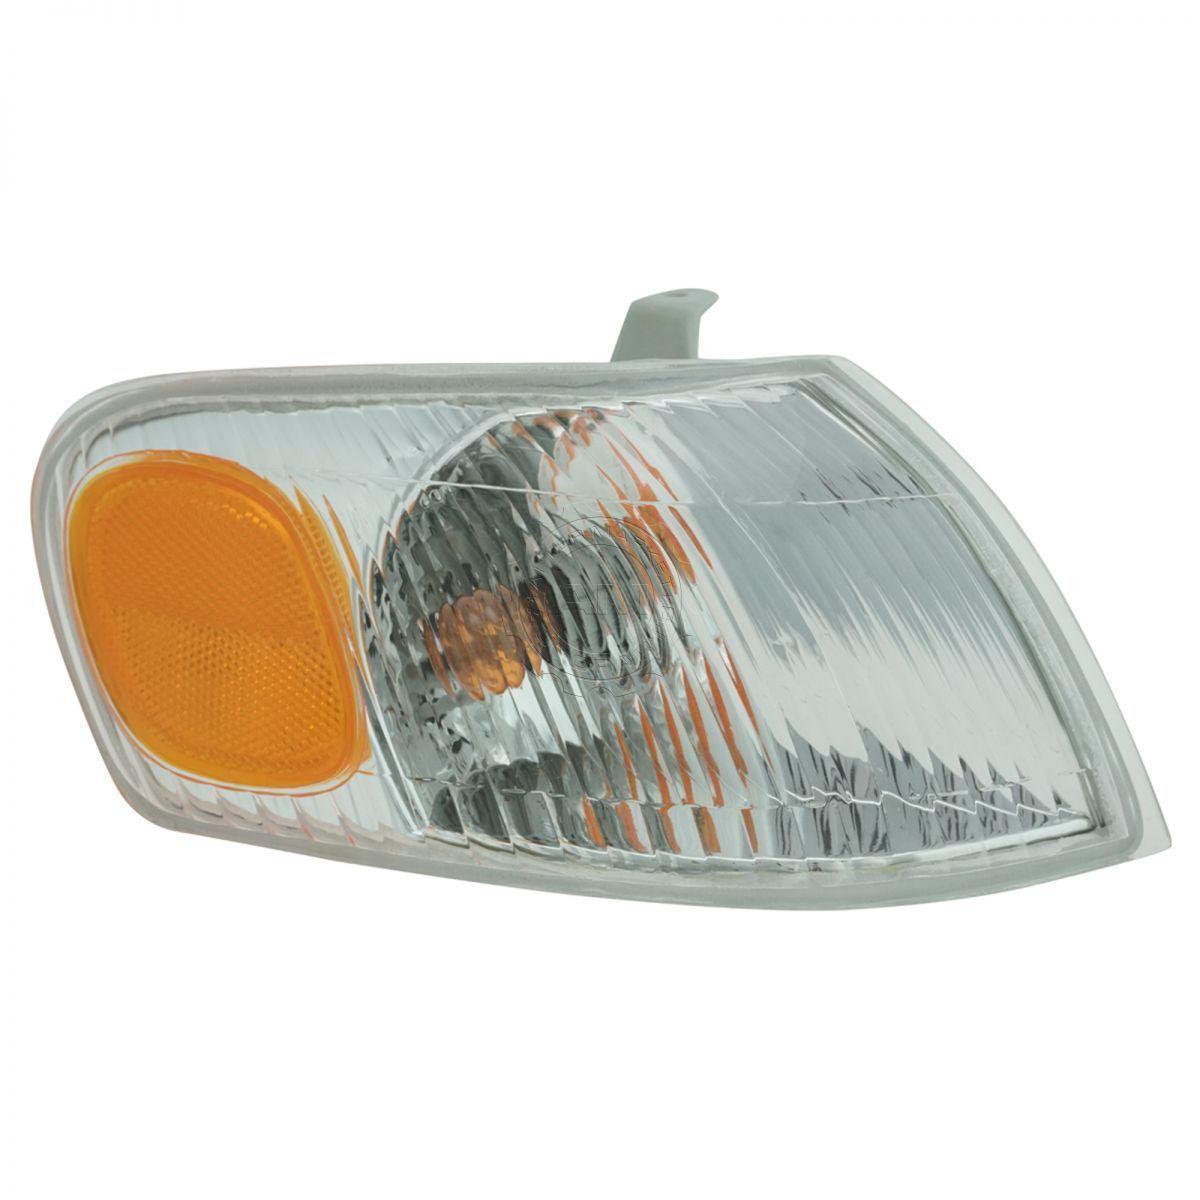 コーナーライト Corner Parking Turn Signal Light Lamp Passenger Side Right RH for 98-00 Corolla コーナーパーキングターンシグナルライトランプ助手席側右RH for 98-00 Corolla